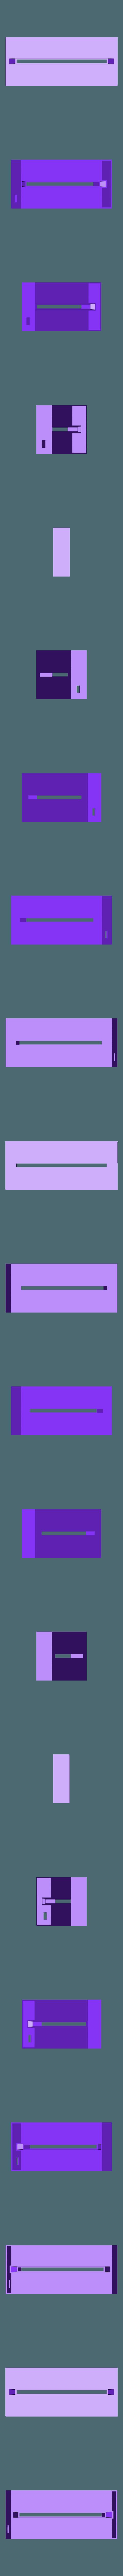 kutu.STL Télécharger fichier STL gratuit Lampe 3D - illusion • Modèle imprimable en 3D, TheTNR